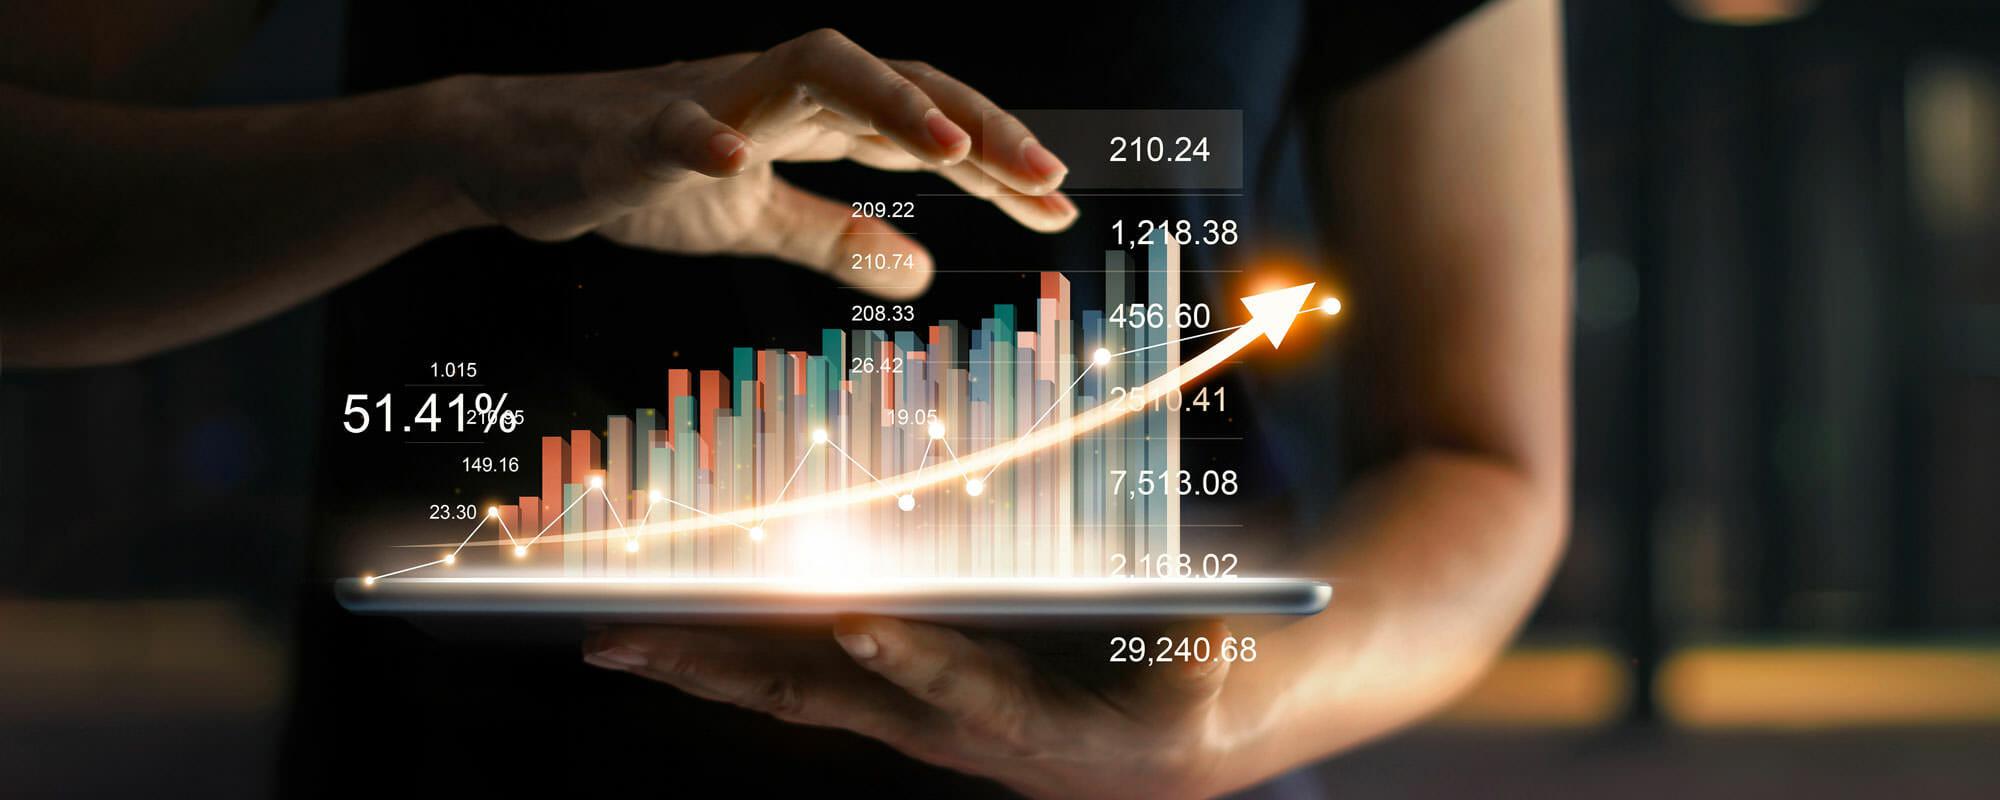 data-future